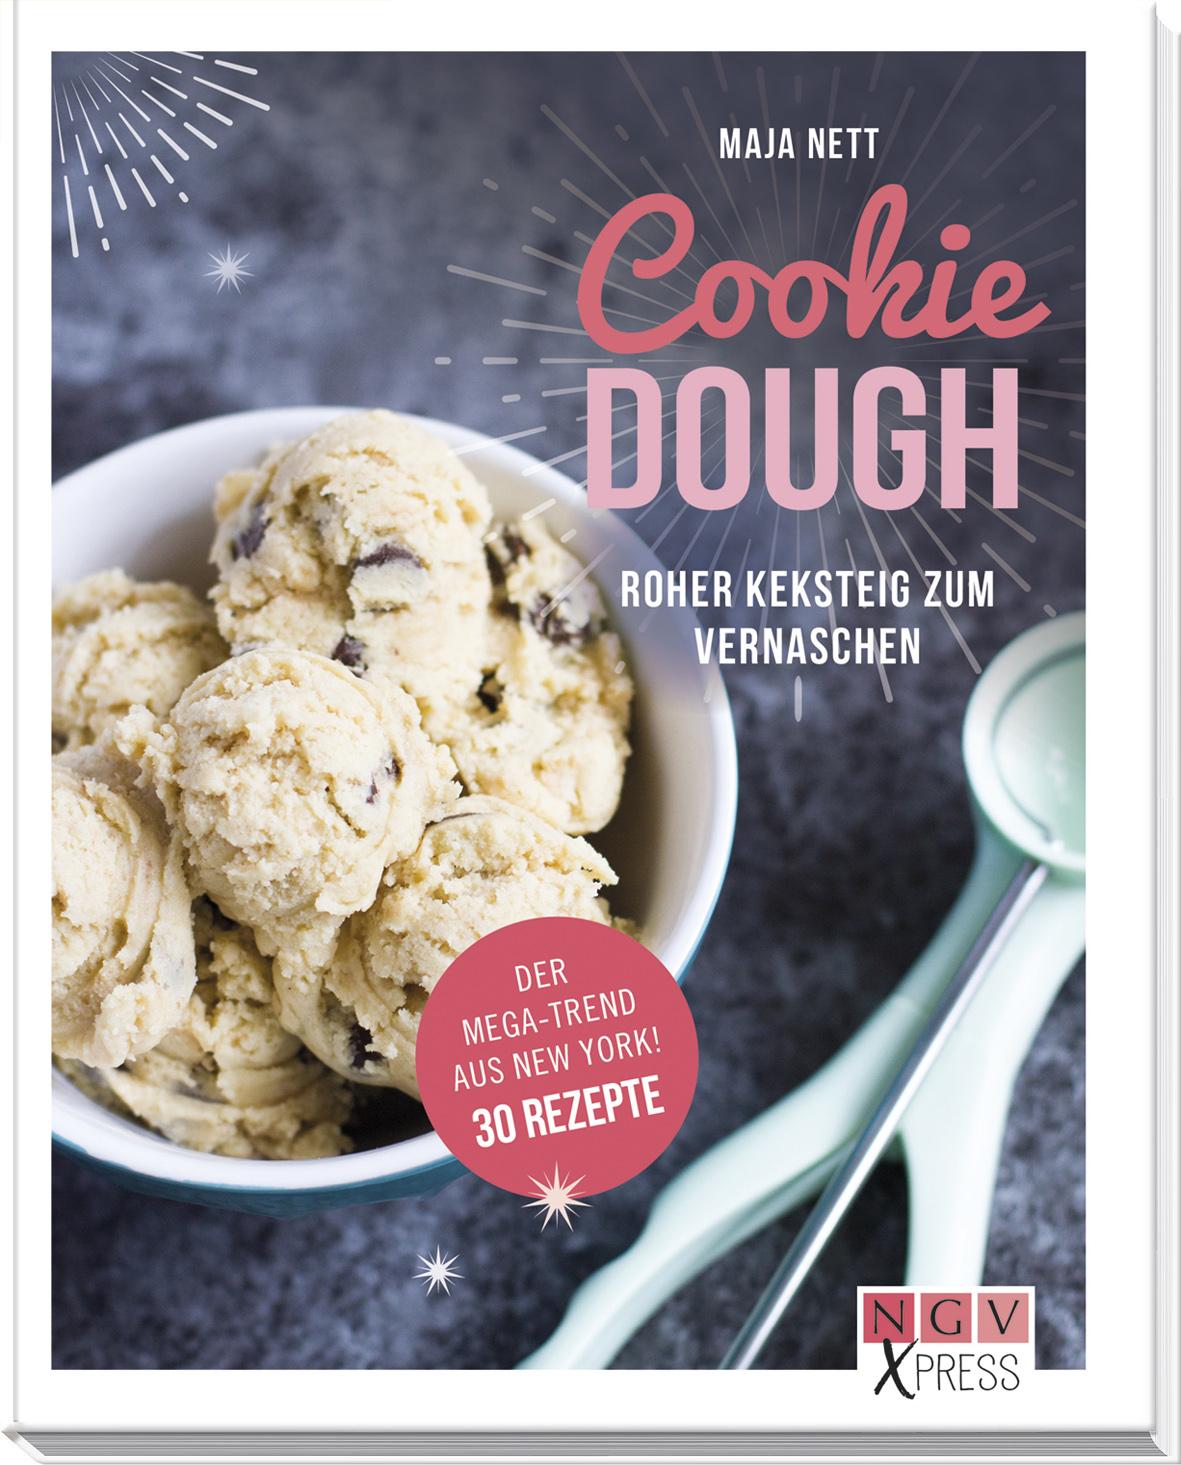 Mein Buch: Cookie Dough - roher Keksteig zum Vernaschen von NGV X-Press